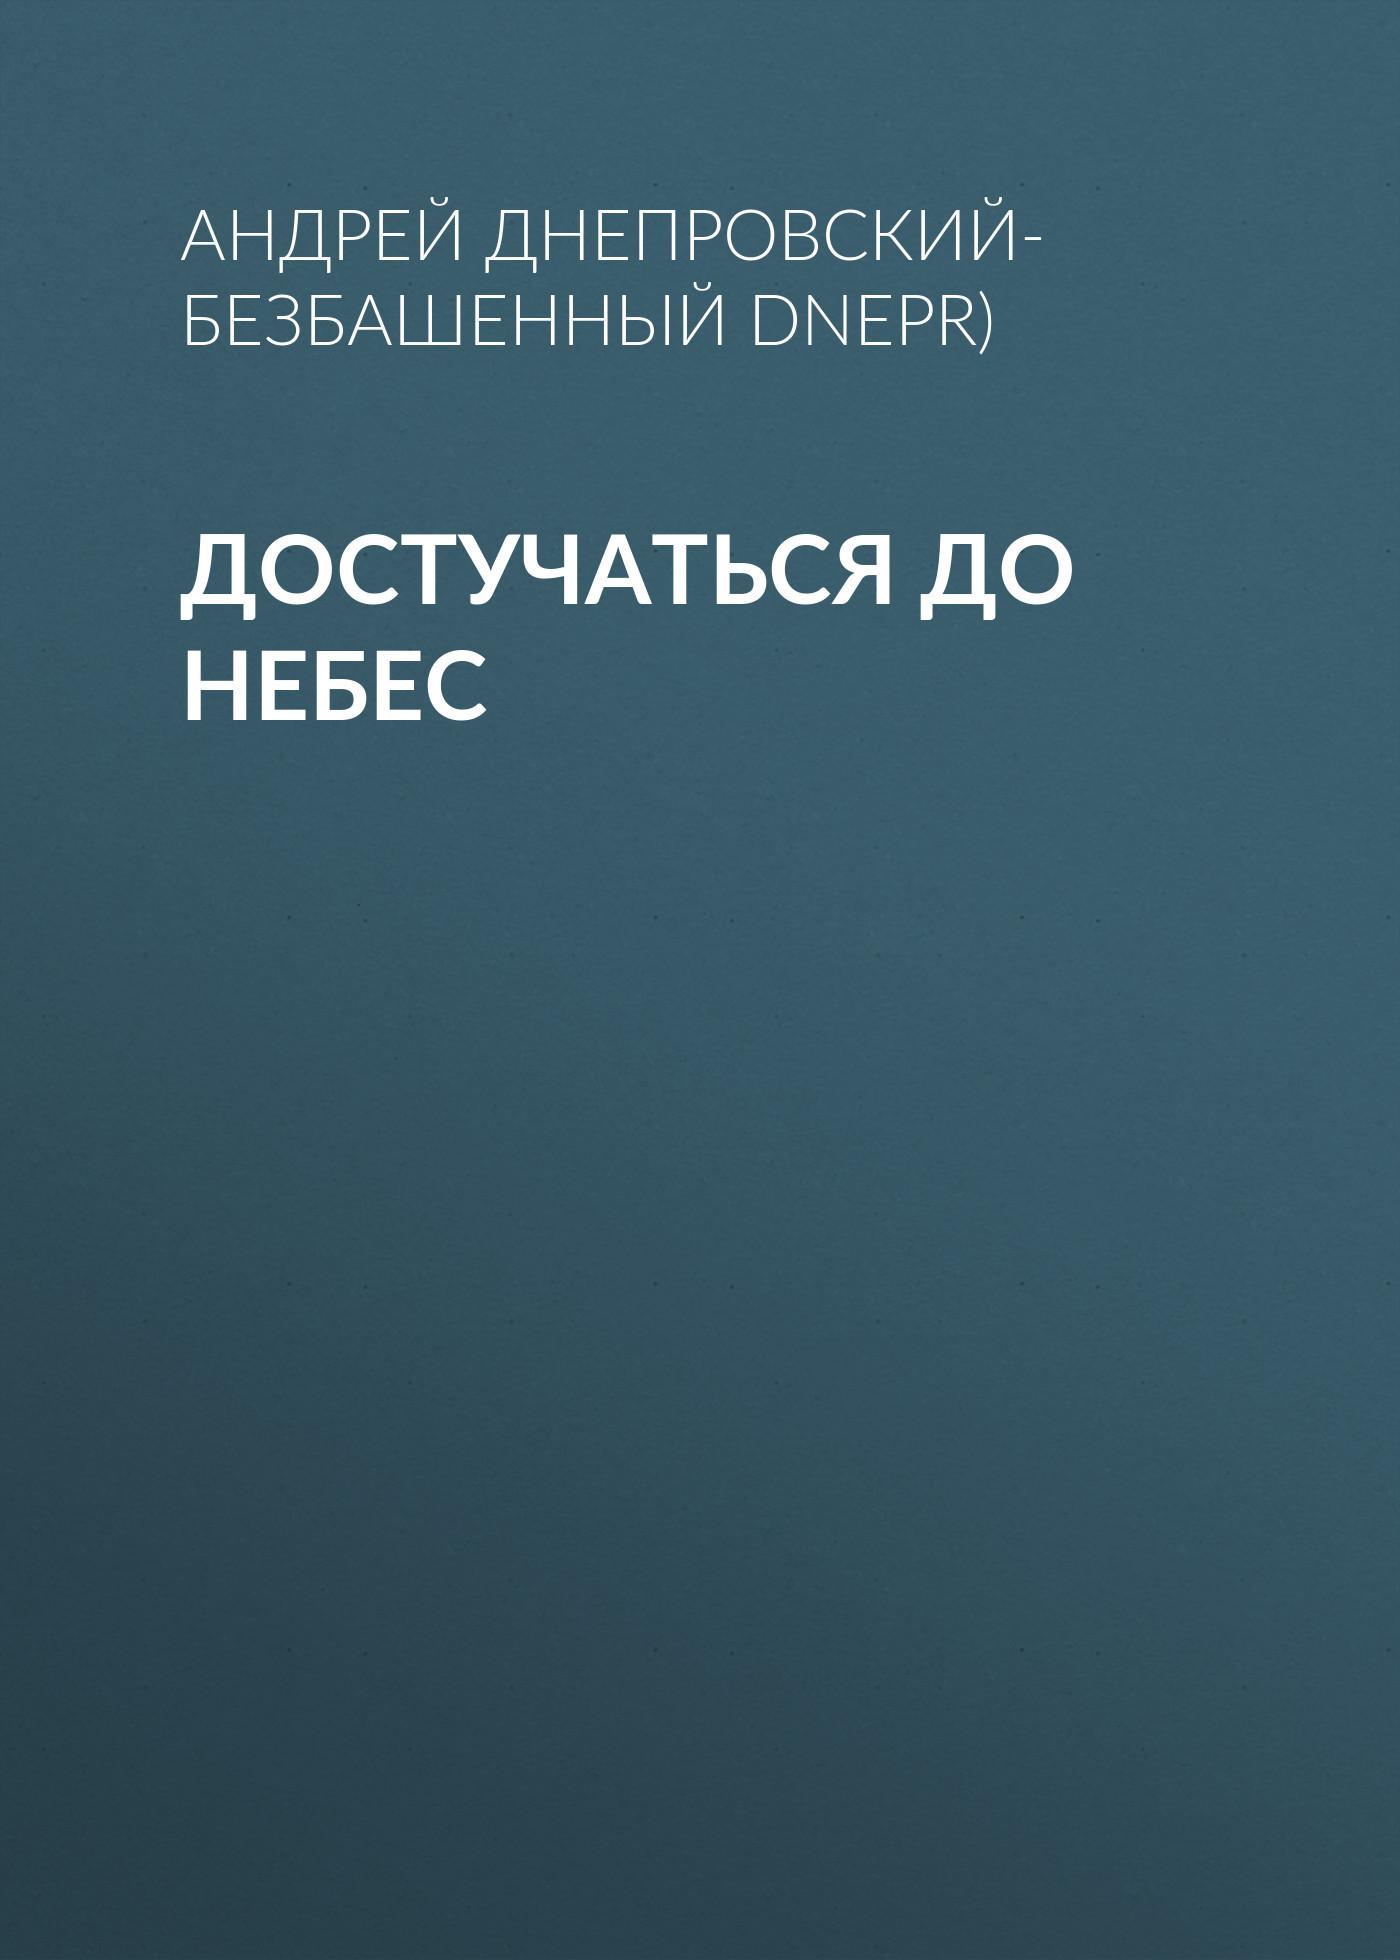 Андрей Днепровский-Безбашенный (A.DNEPR) Достучаться до небес